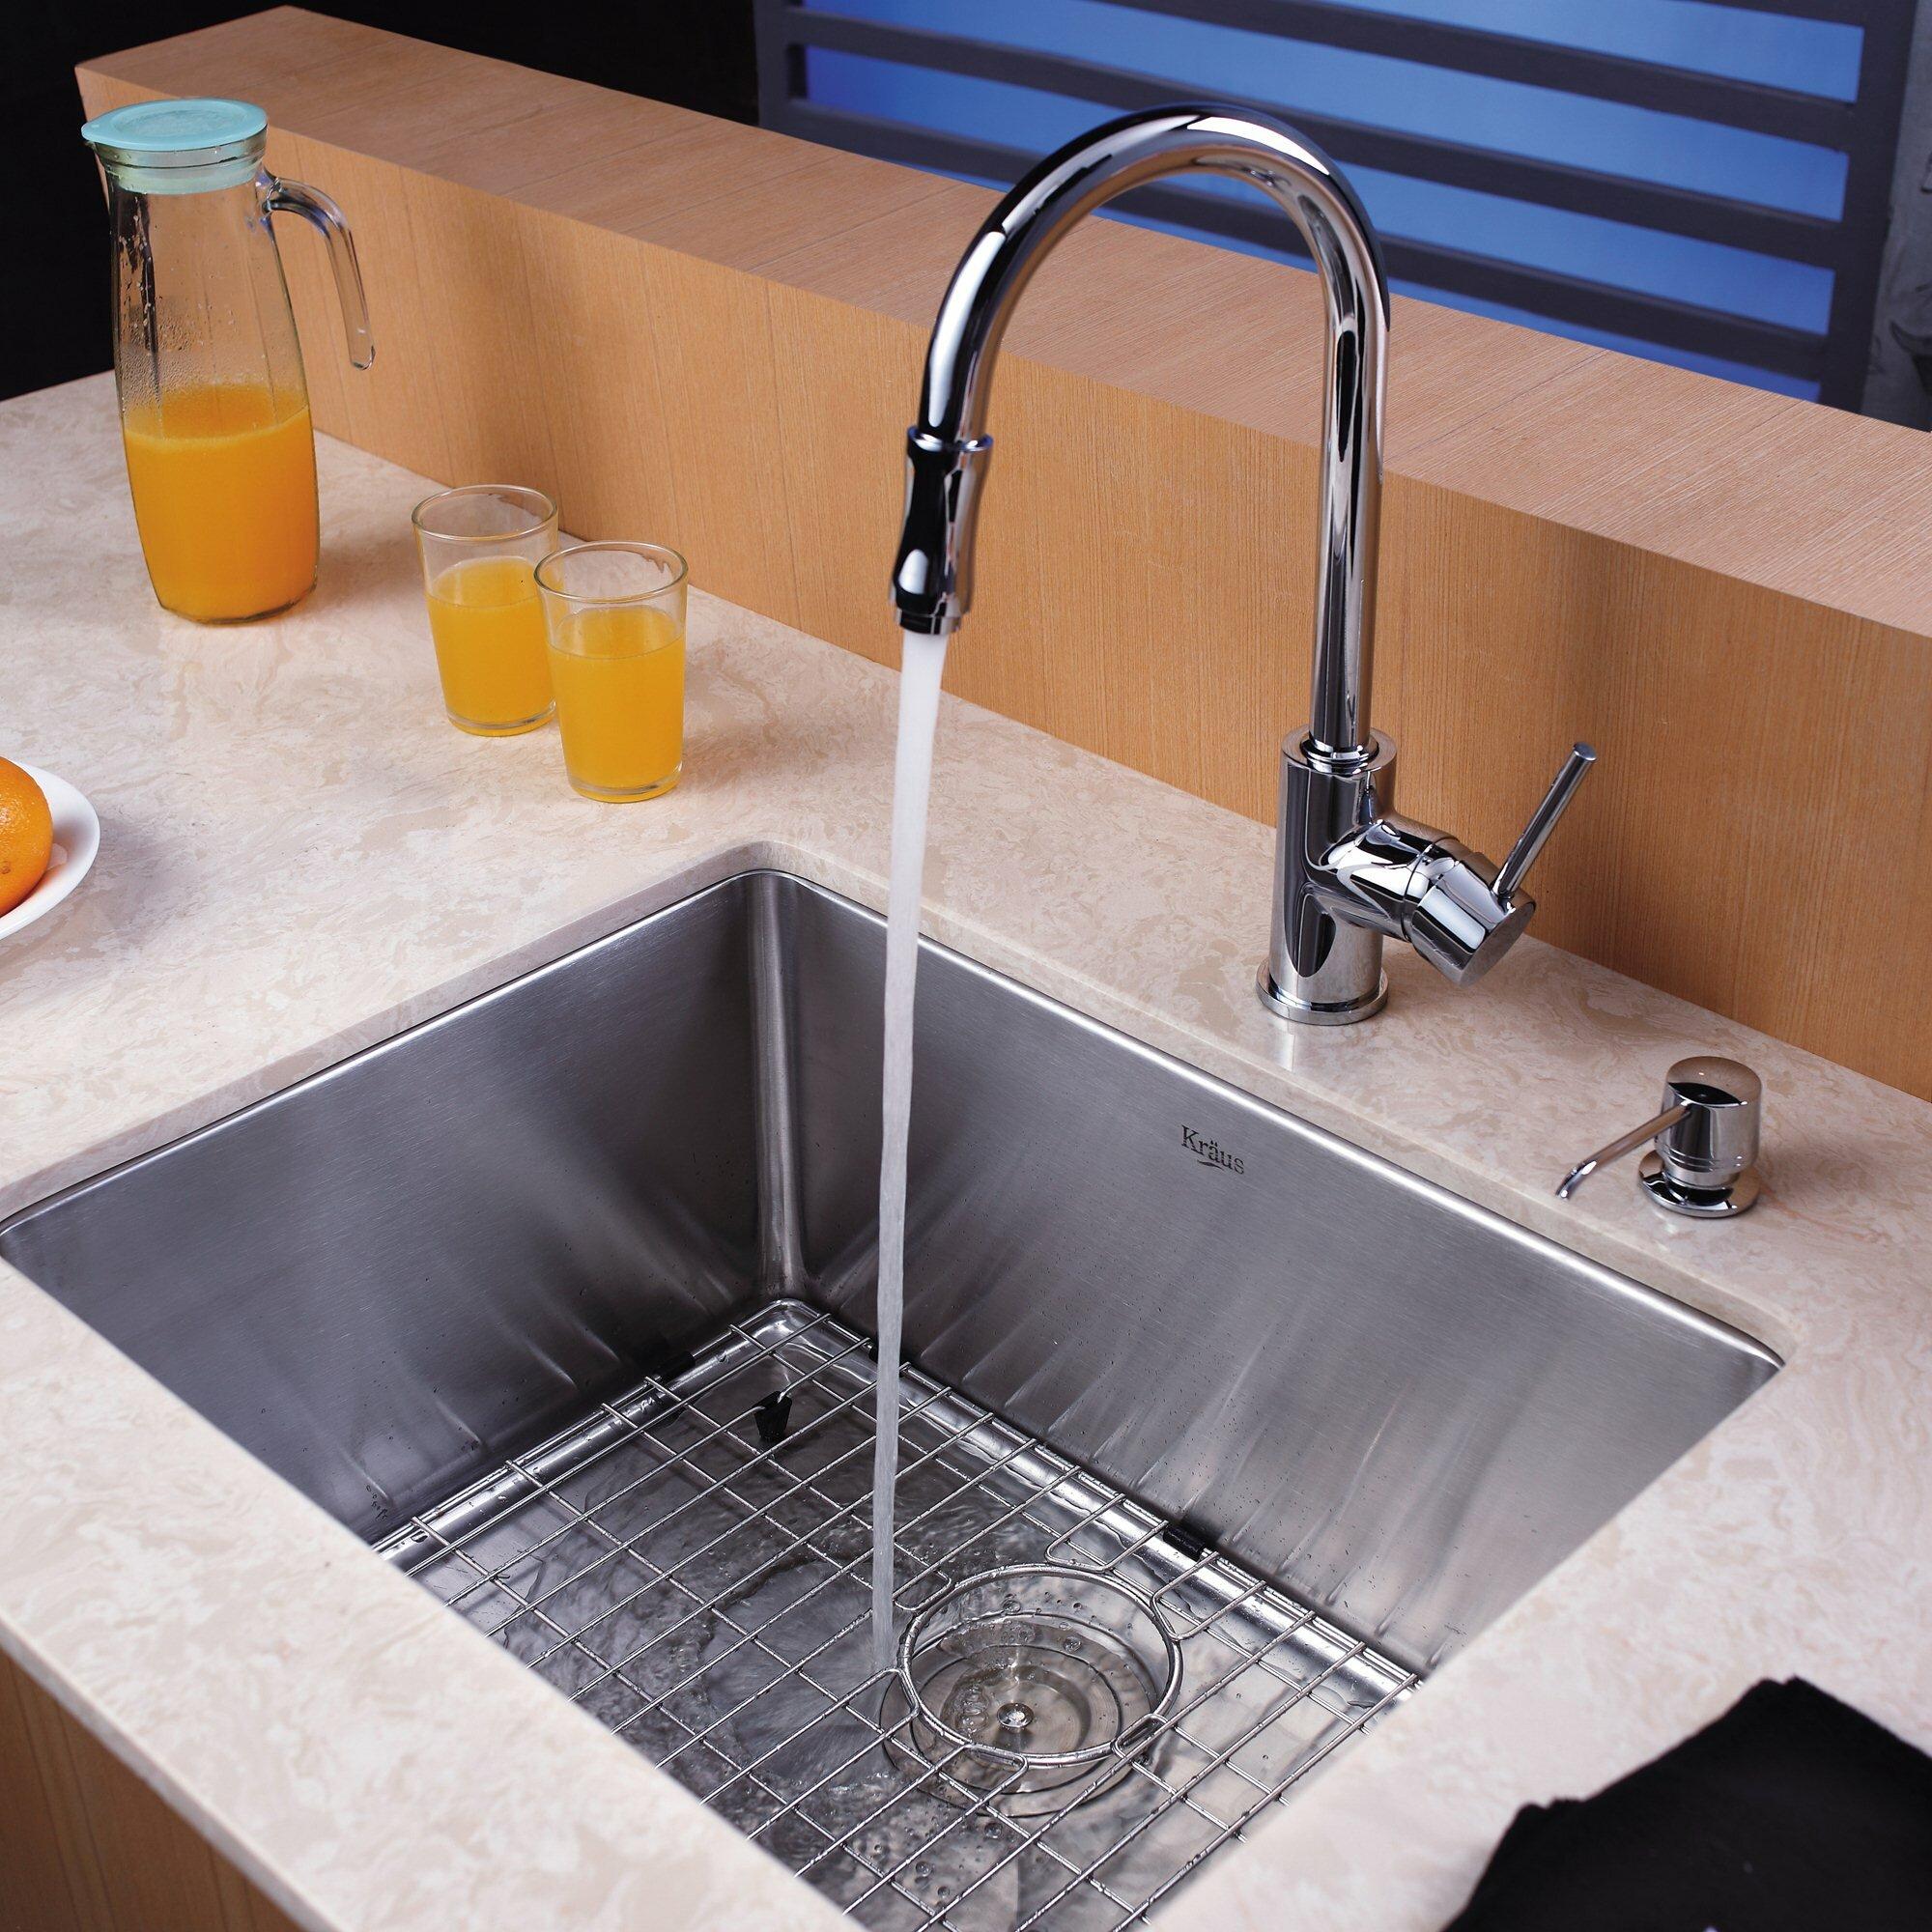 """Soap Dispenser For Kitchen Sink: Kraus 23"""" X 18"""" Undermount Single Bowl Kitchen Sink With"""